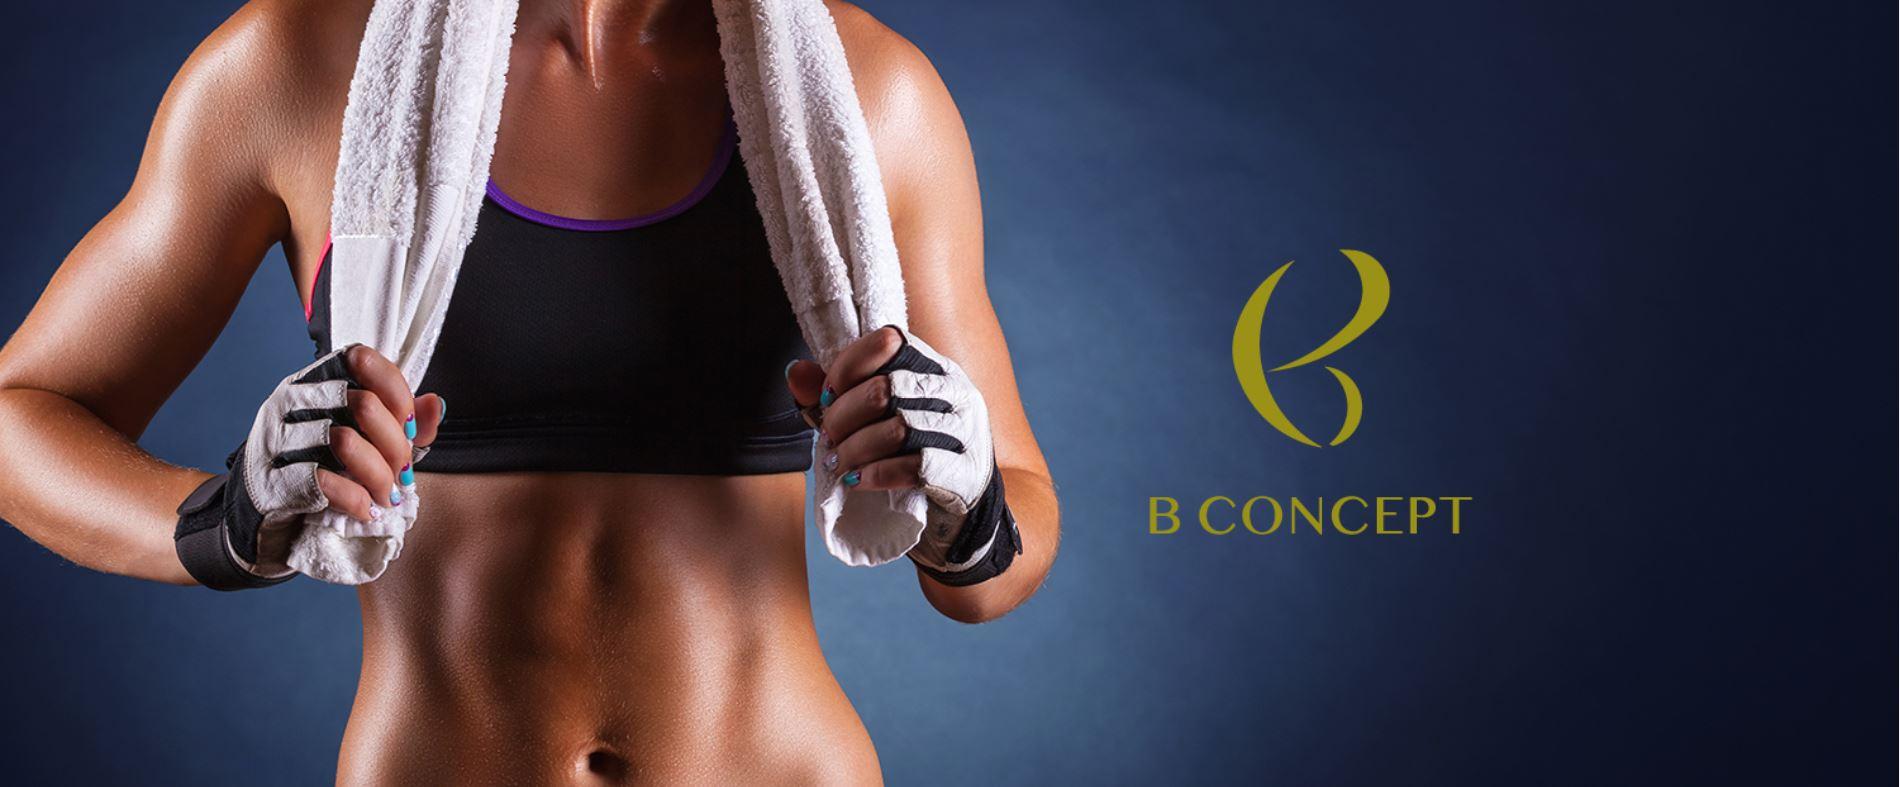 2.B-CONCEPT(ビーコンセプト)